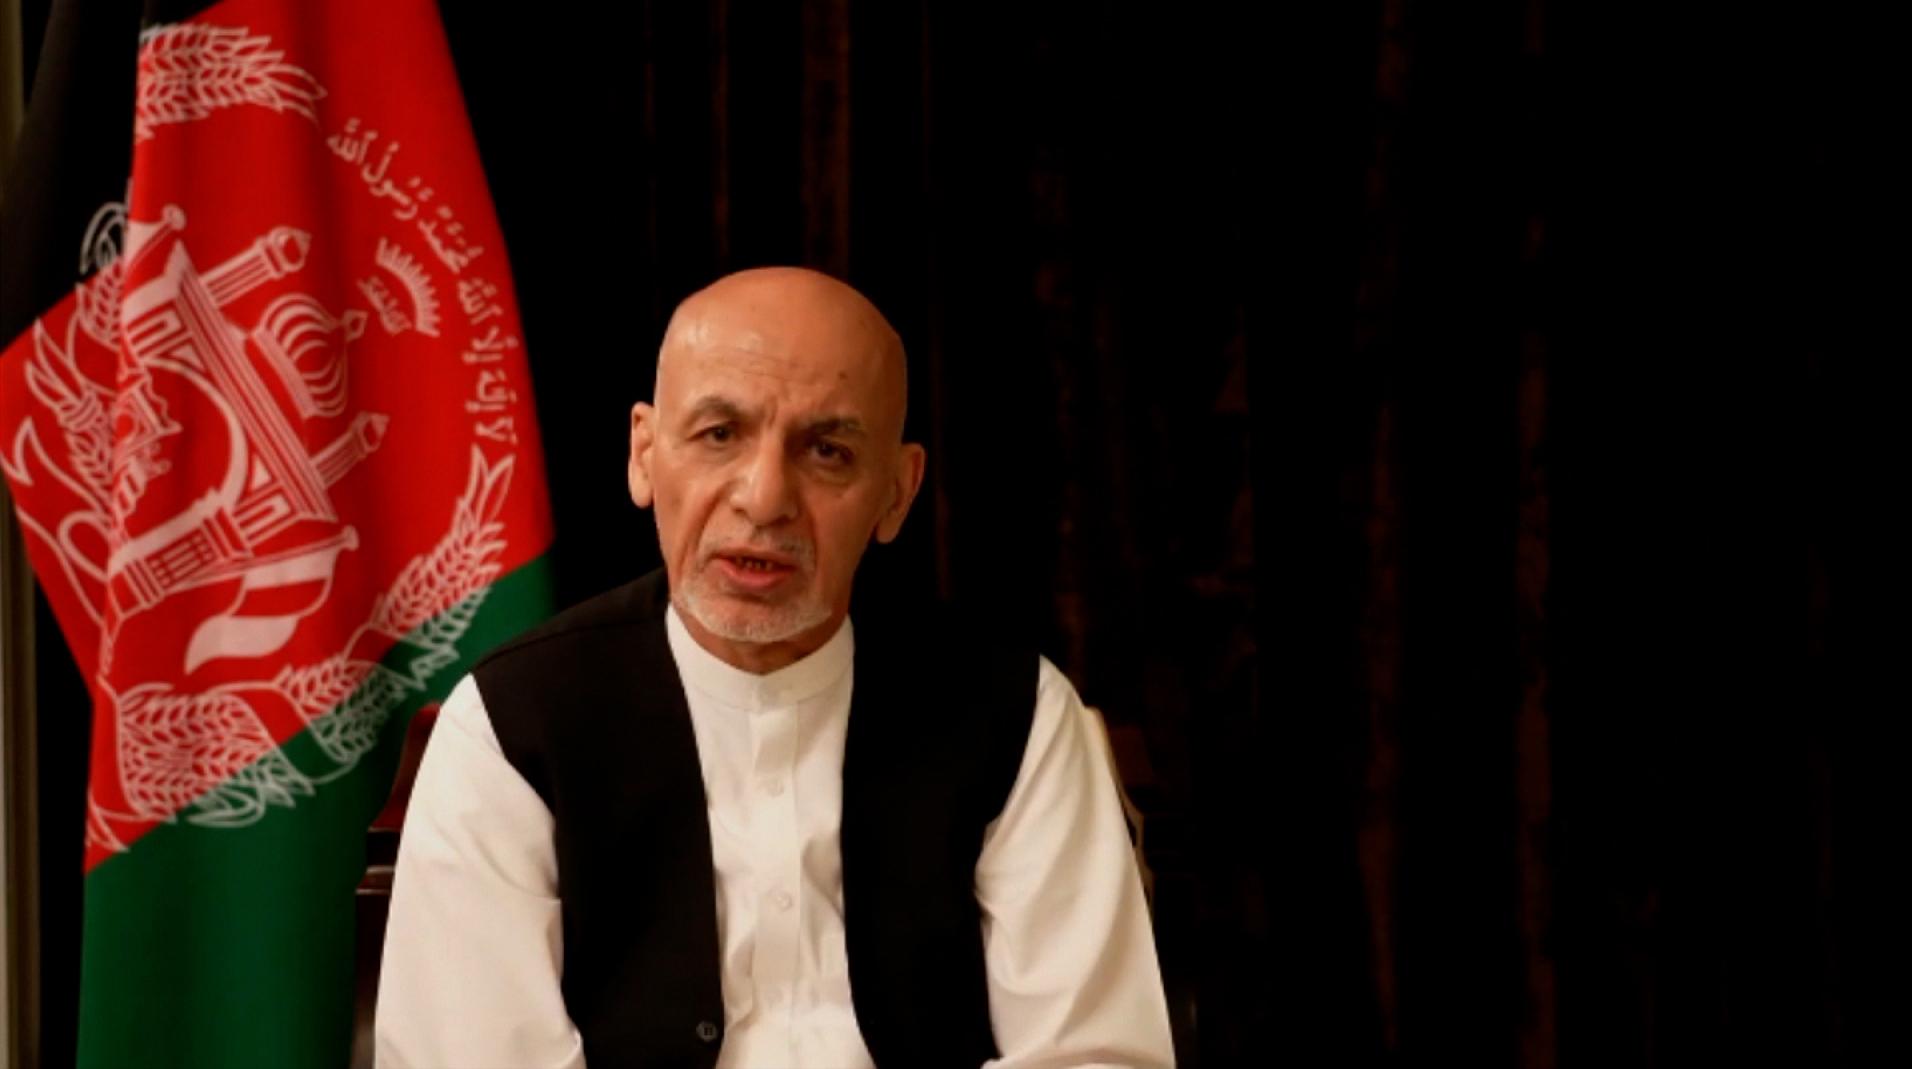 Former Afghan president Ghani speaks: I fled 'to avoid bloodshed'